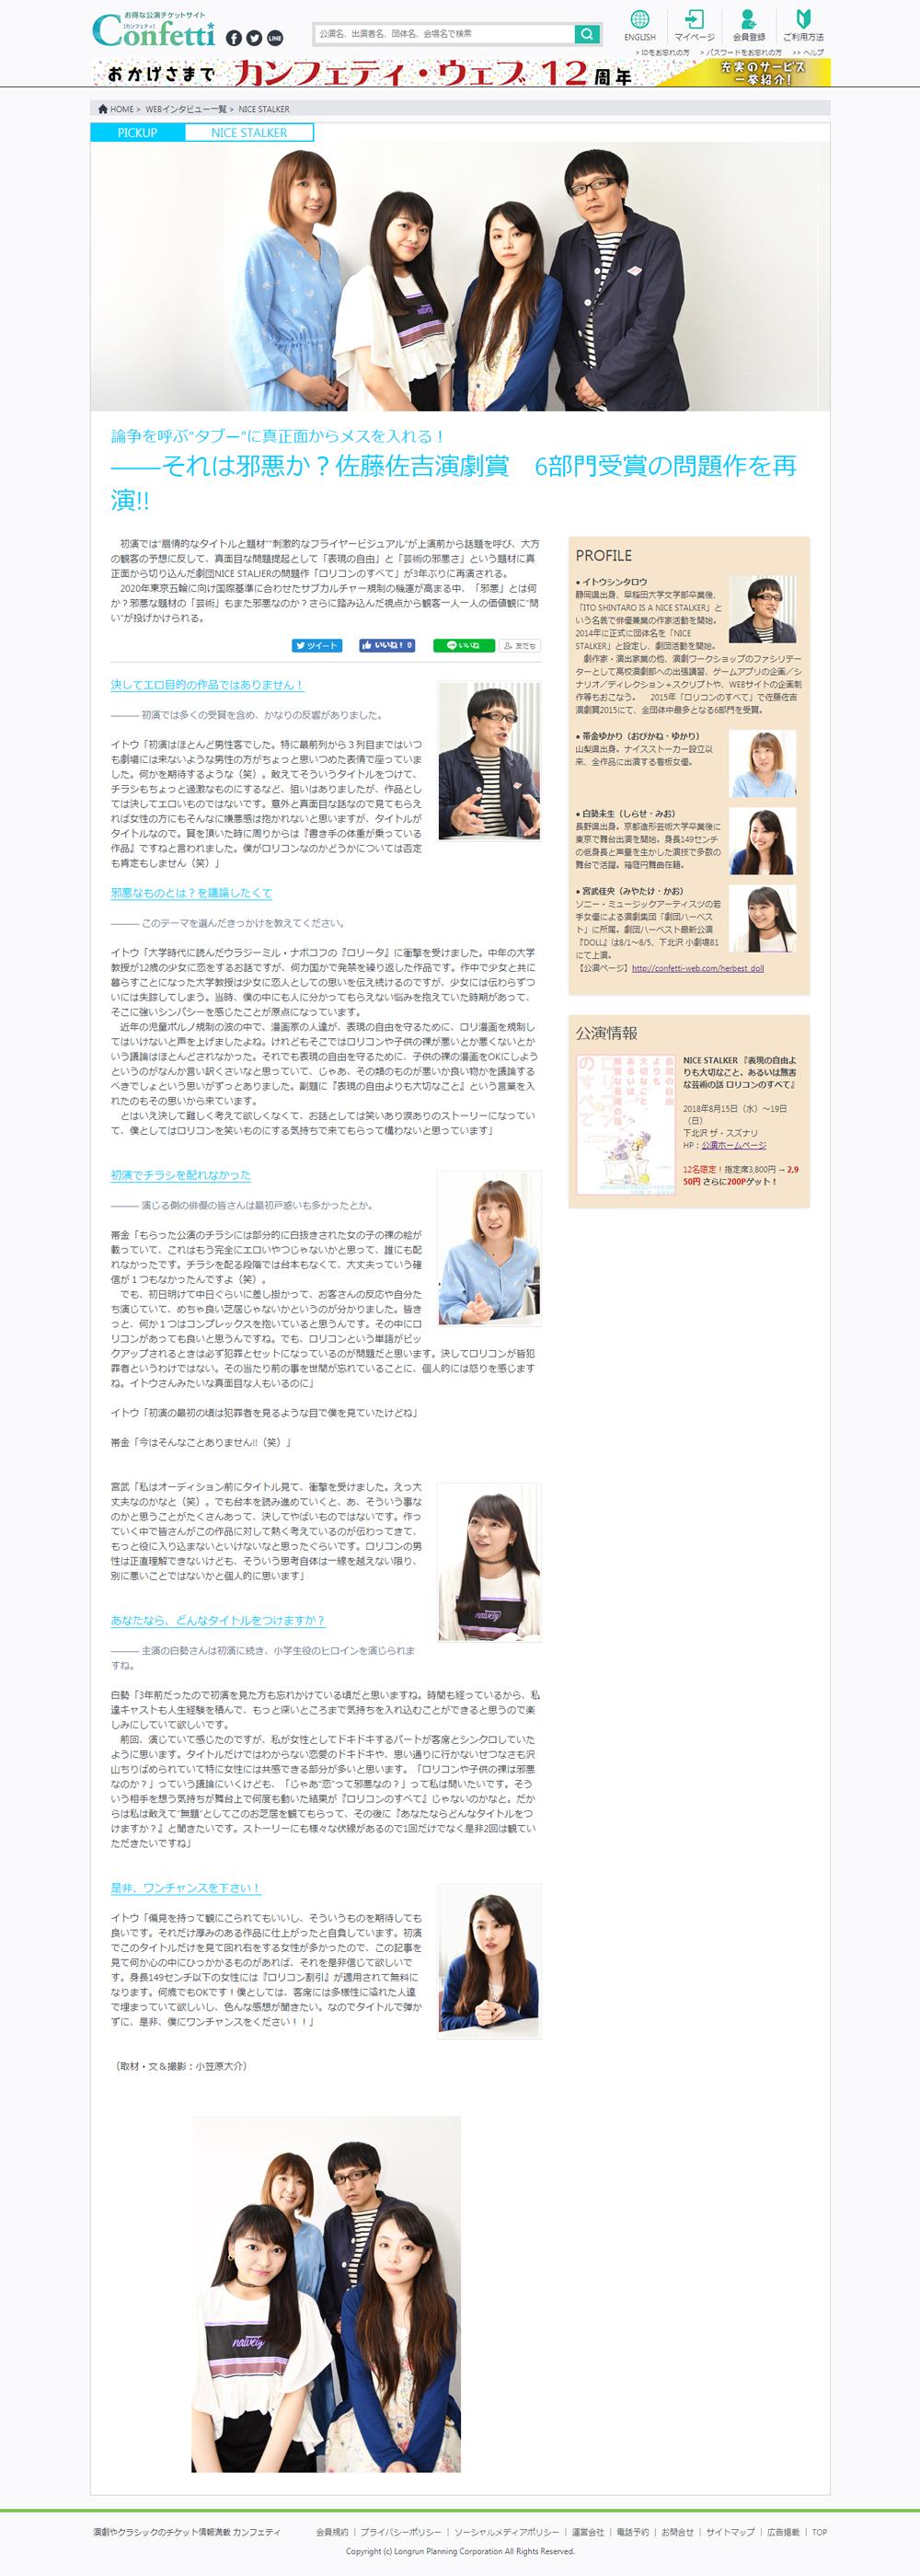 カンフェティ記事_jpg